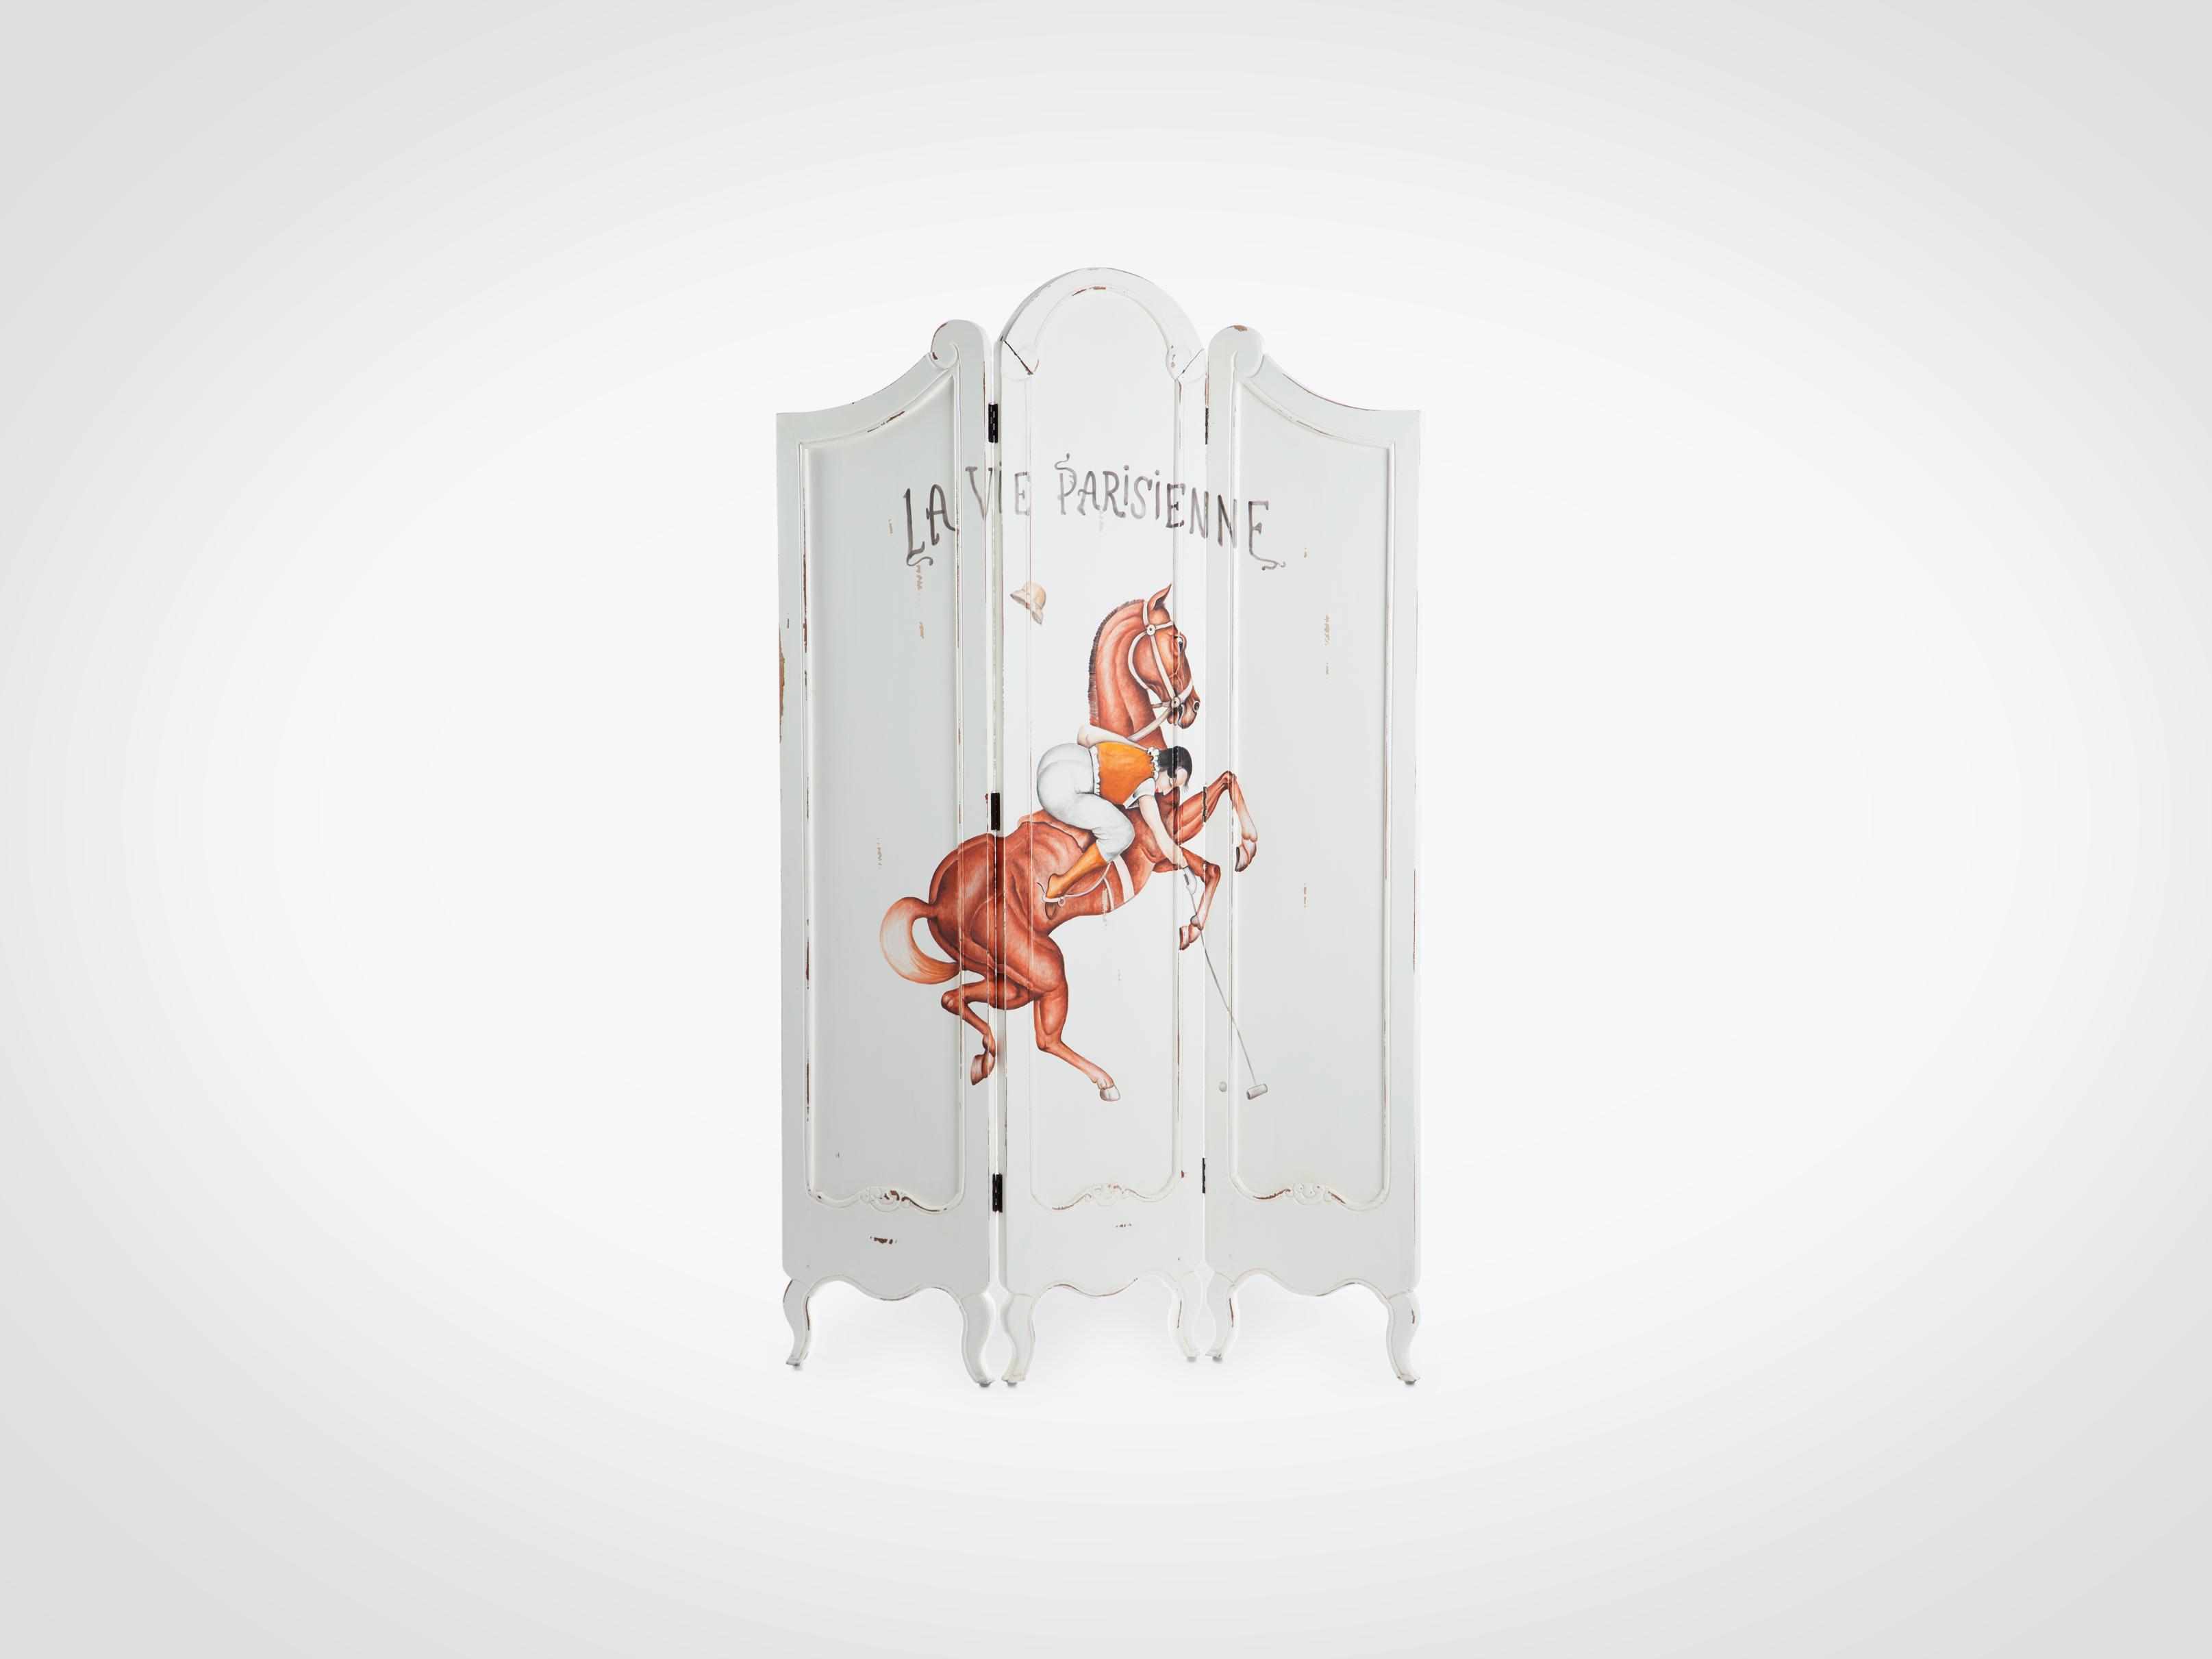 Купить Ширма расписная из дерева махагони, украшена росписью ручной работы 190x120x3 см, inmyroom, Индонезия